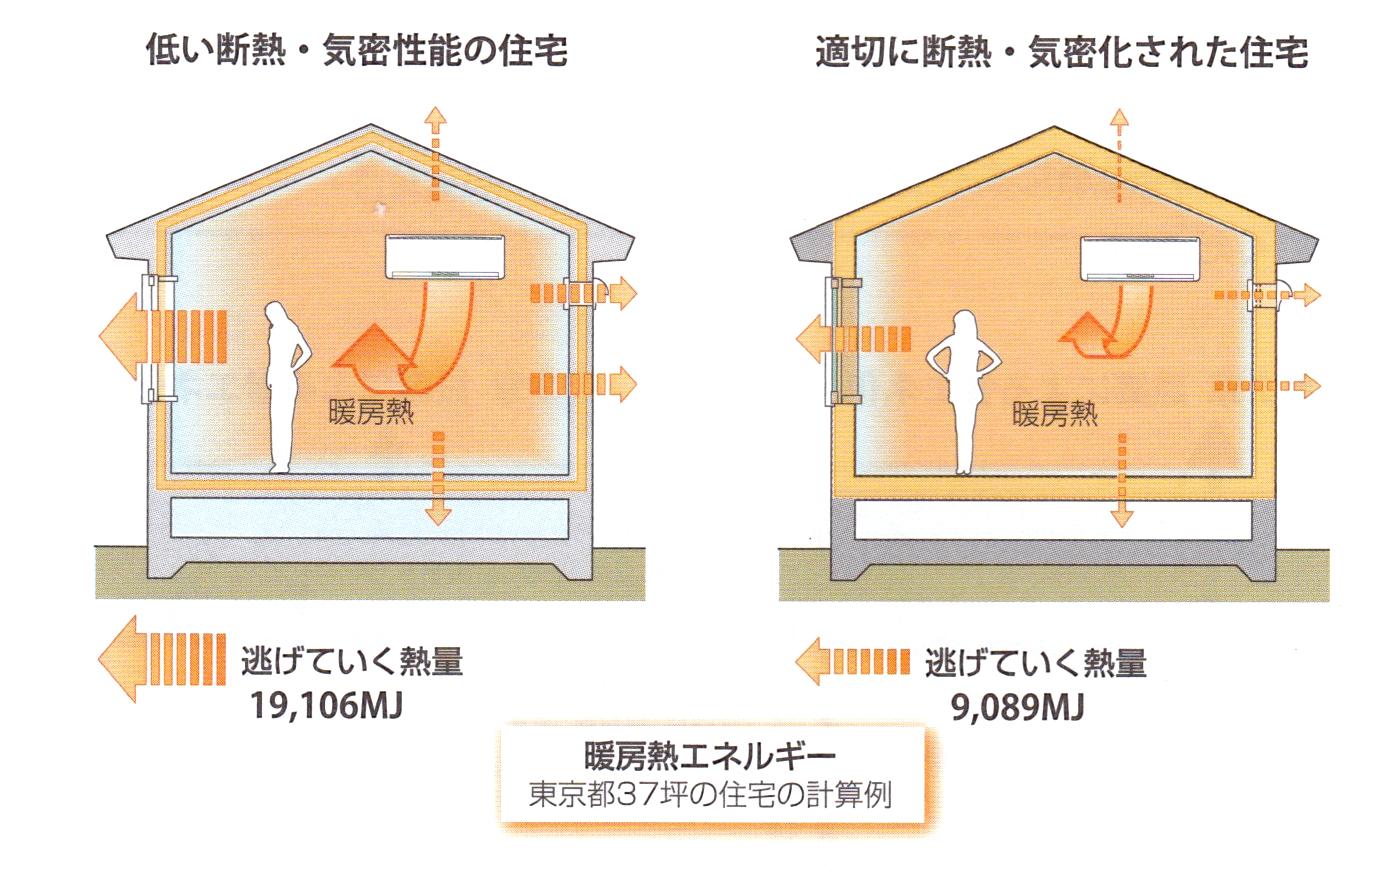 暖冷房負荷の低減・計算例